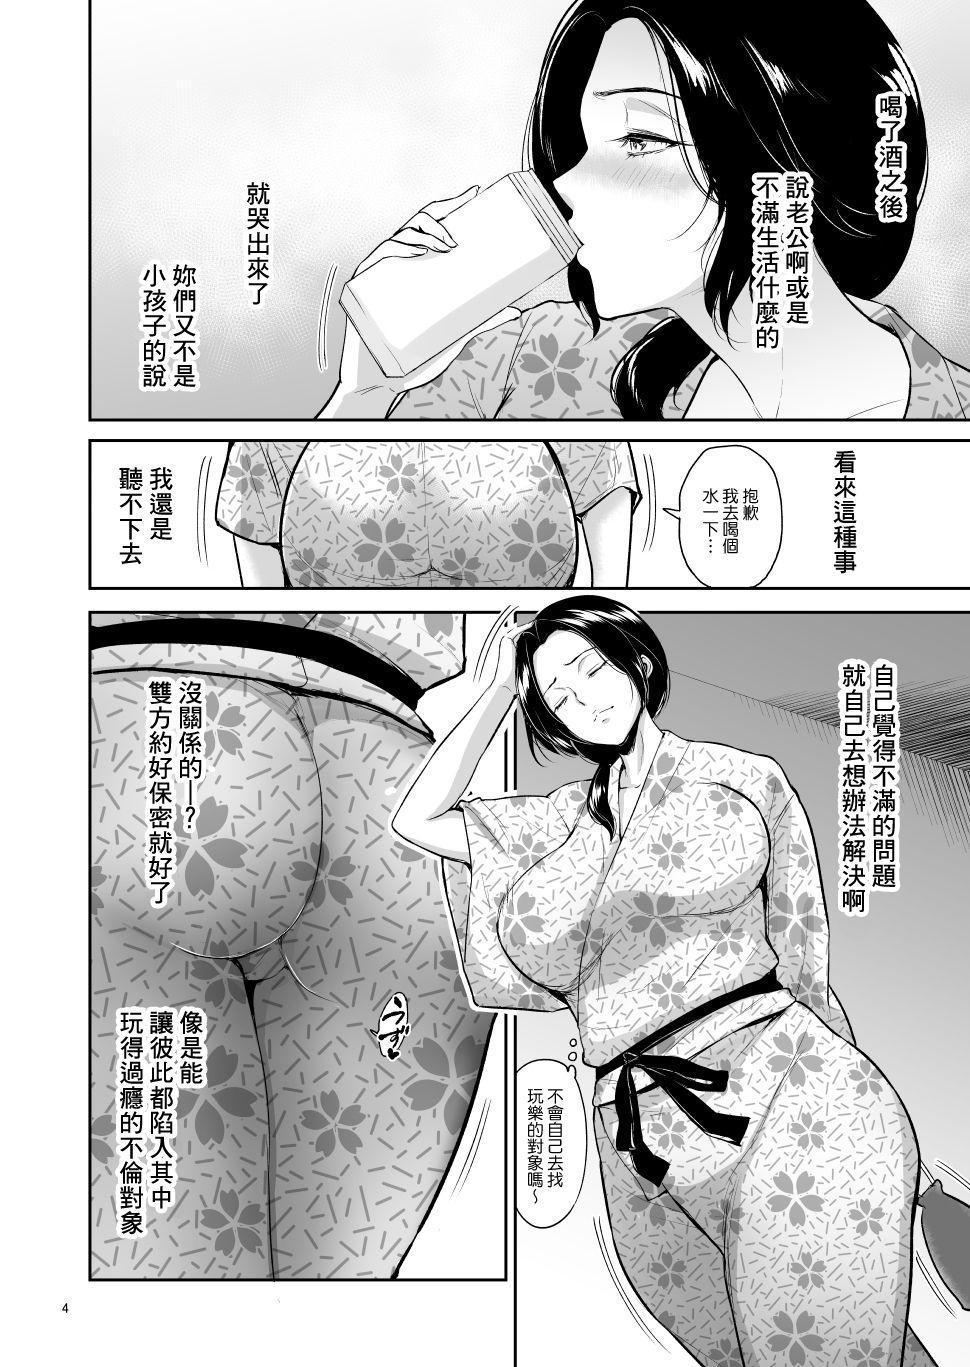 [yogurt (bifidus)] Deisui Haitoku Onsen - Shufu Shinohara Yukie-san no Hiasobi [Chinese] [Digital] 2